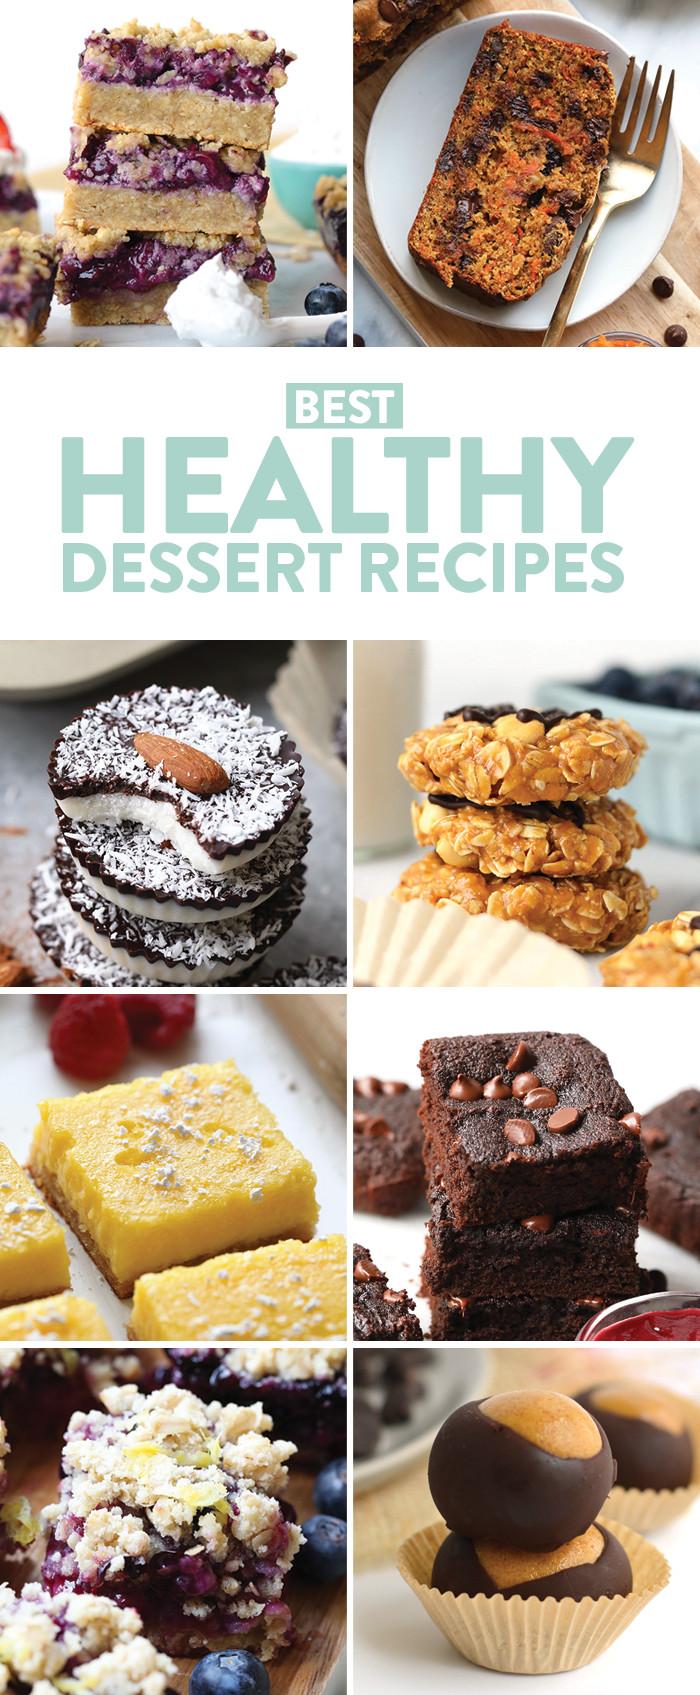 Healthy Sweet Desserts  Healthy Dessert Recipes gluten free paleo & vegan